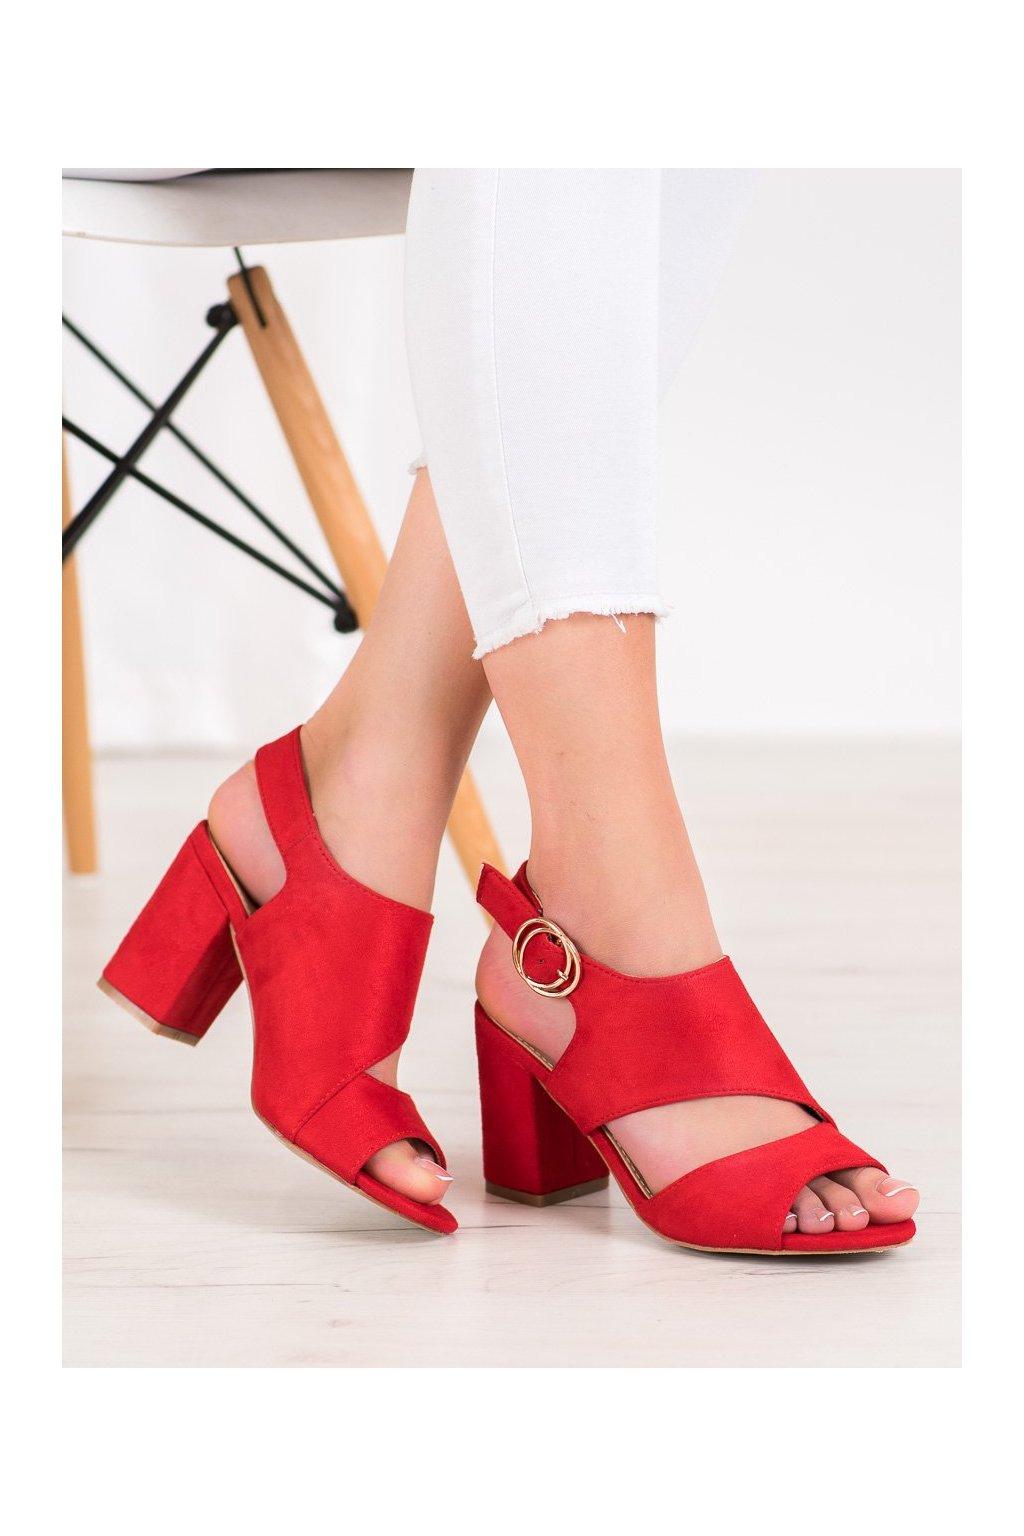 Červené sandále Mannika kod A8560R